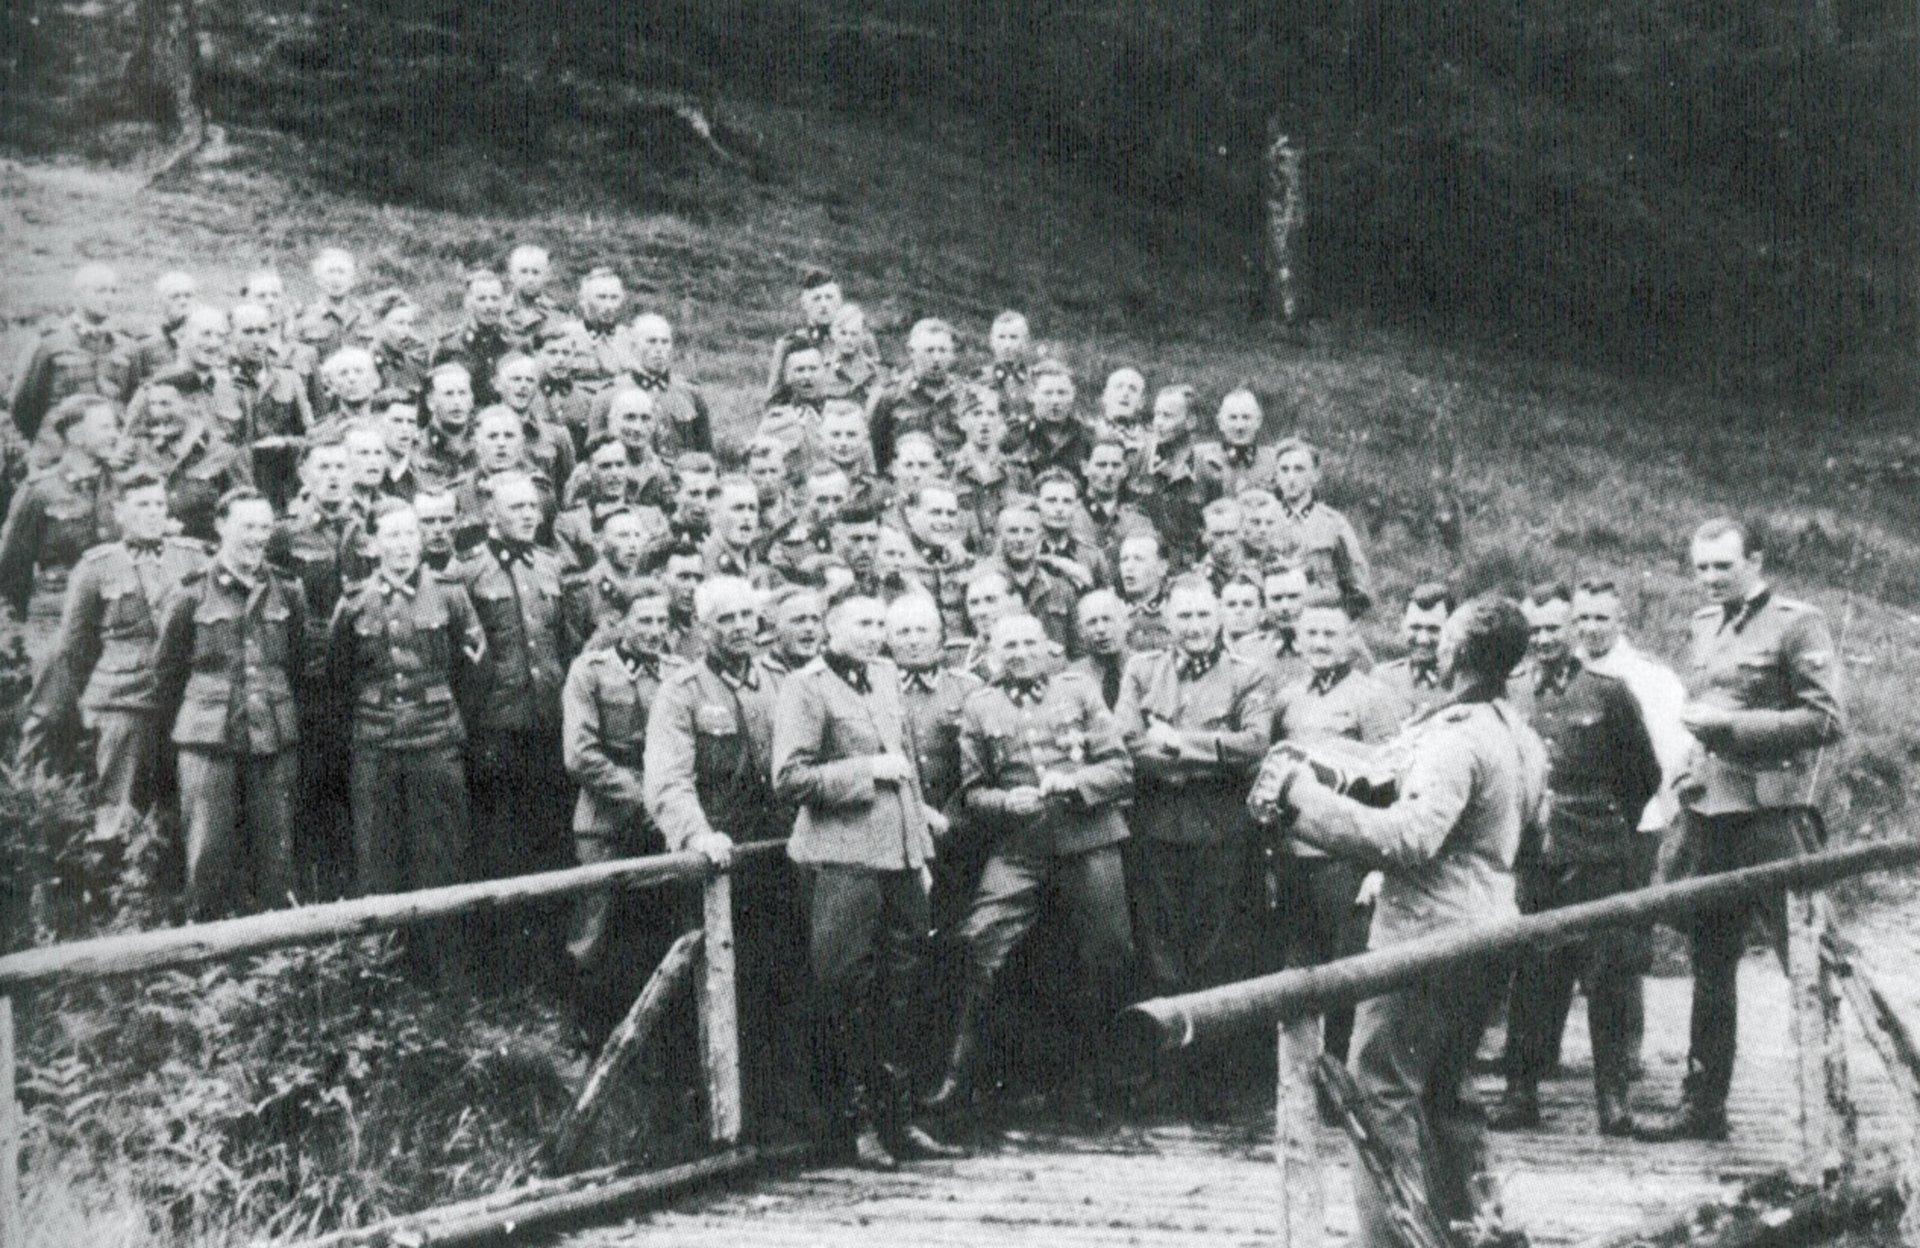 Rudolf Höß y otros miembros de la SS se divierten en el verano de 1944, Auschwitz